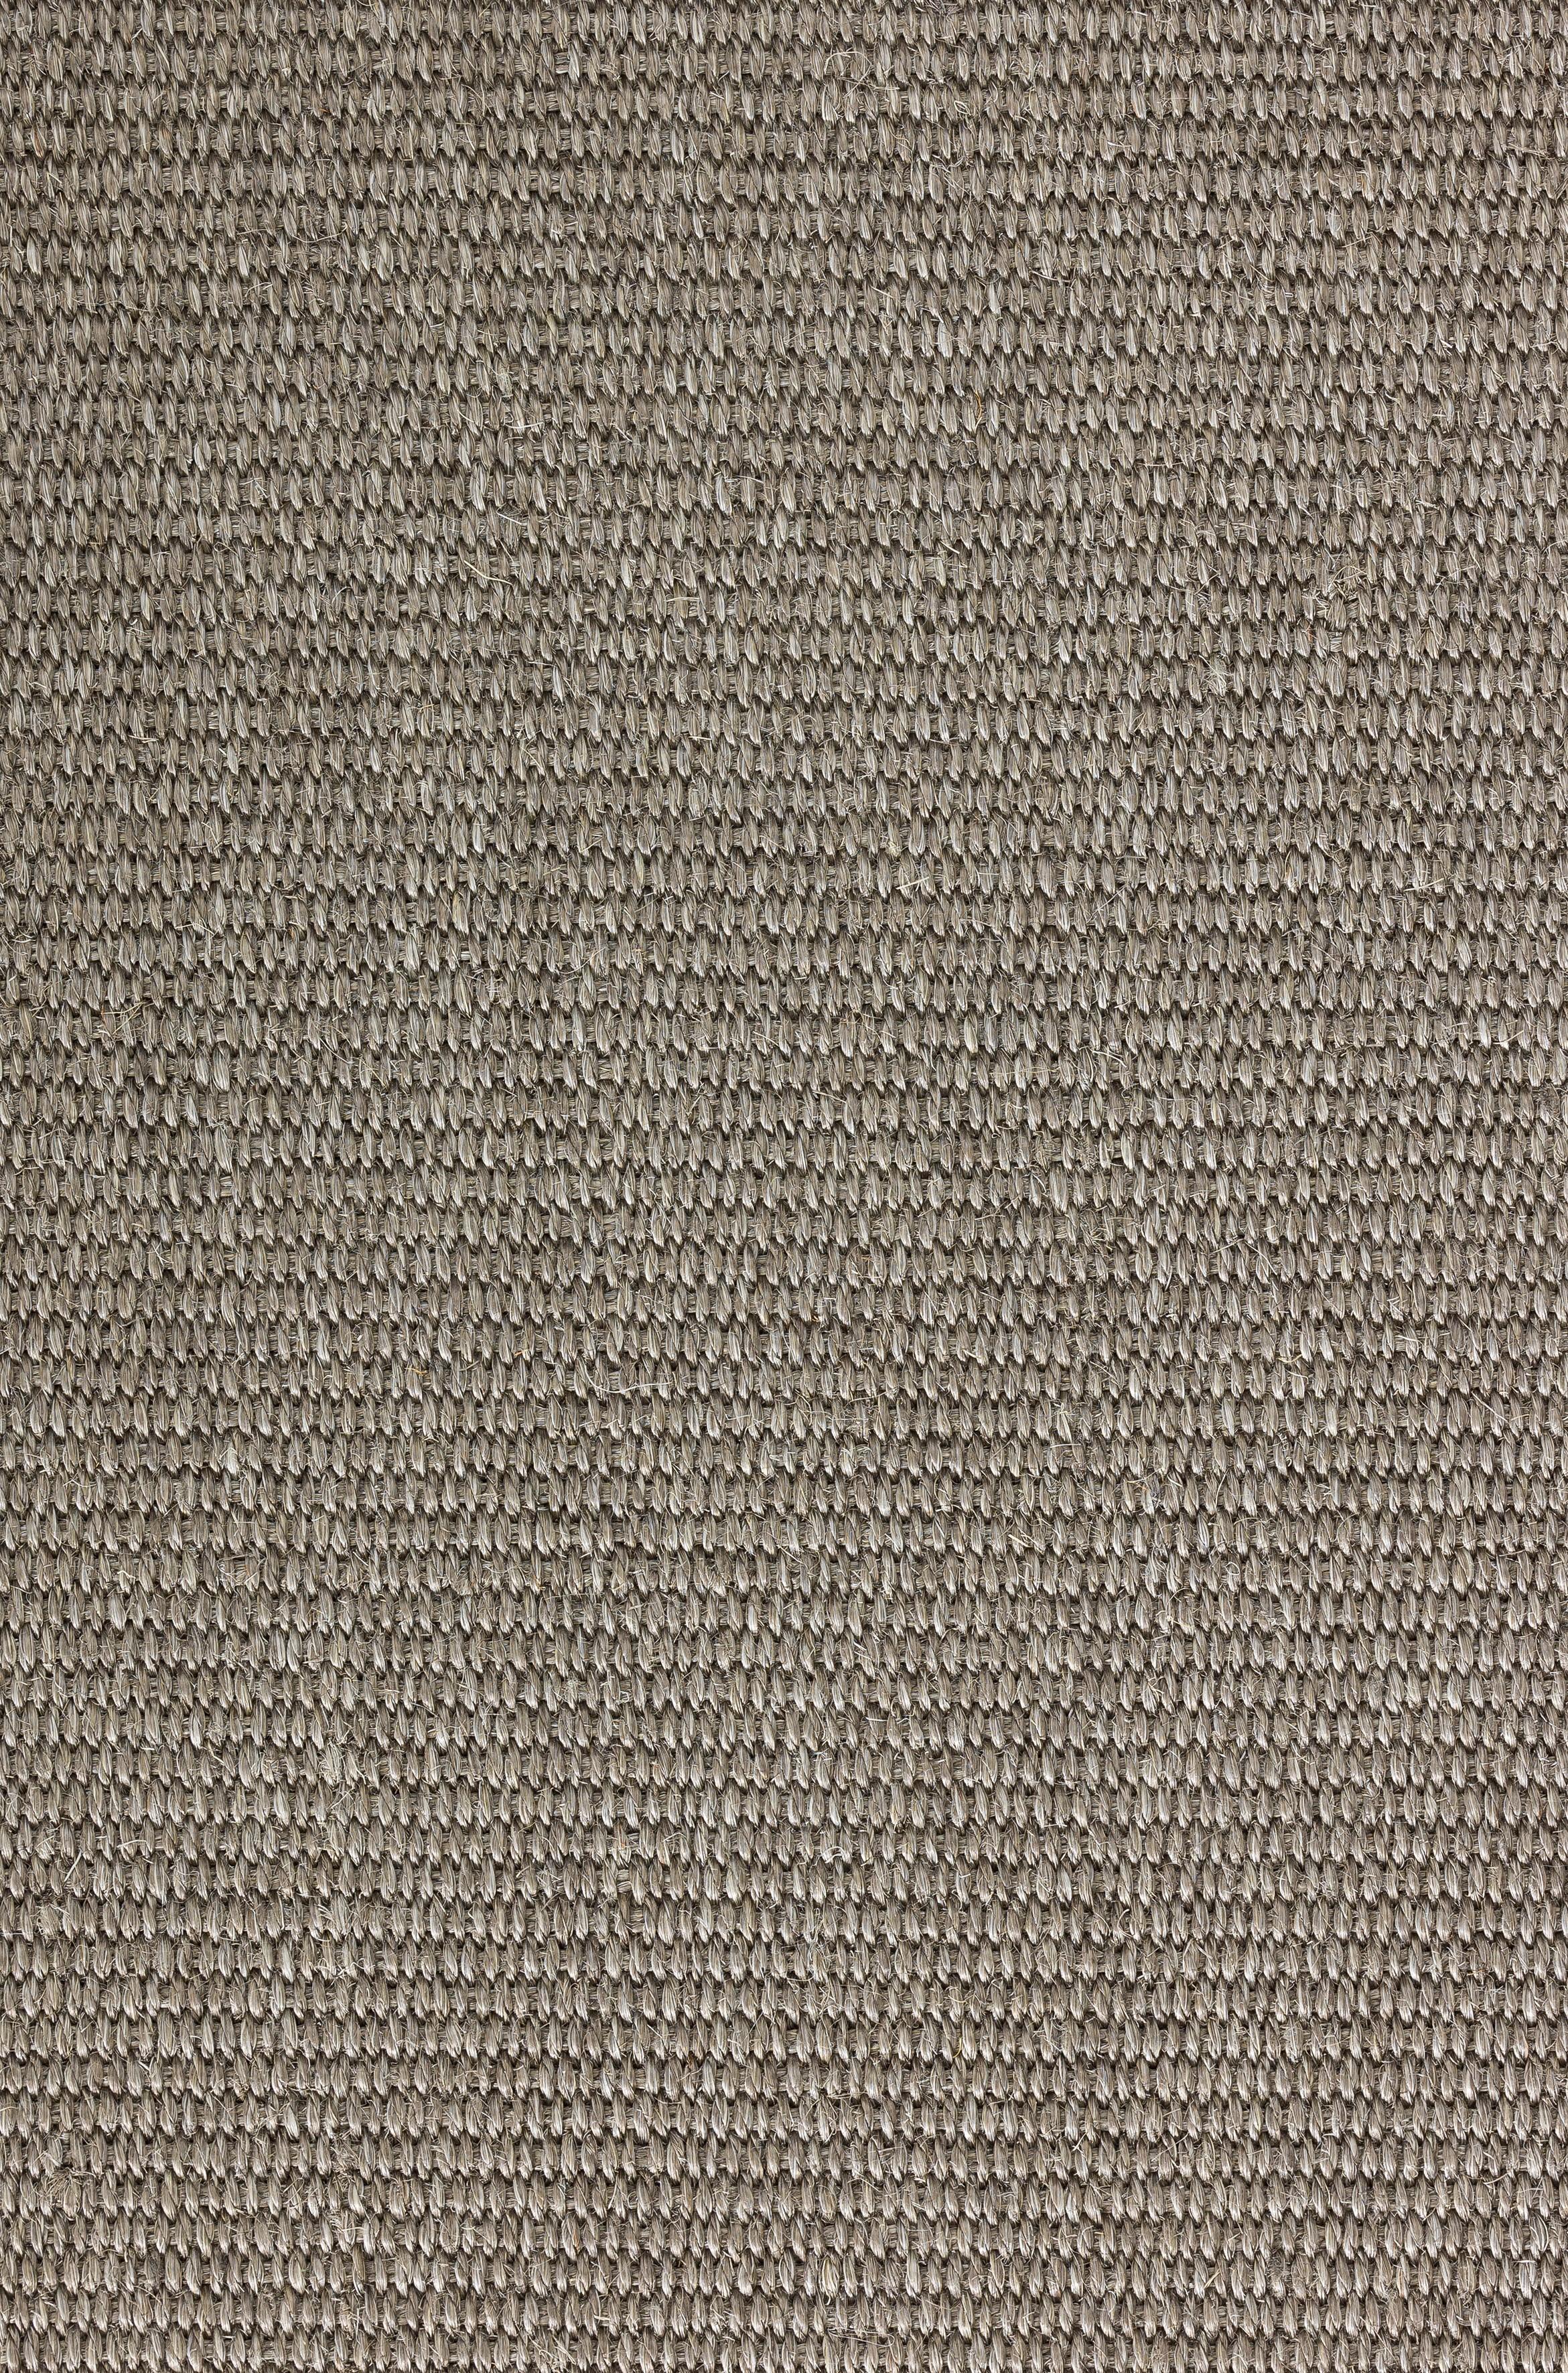 sisal teppichboden der teppichboden aus naturfasern. Black Bedroom Furniture Sets. Home Design Ideas